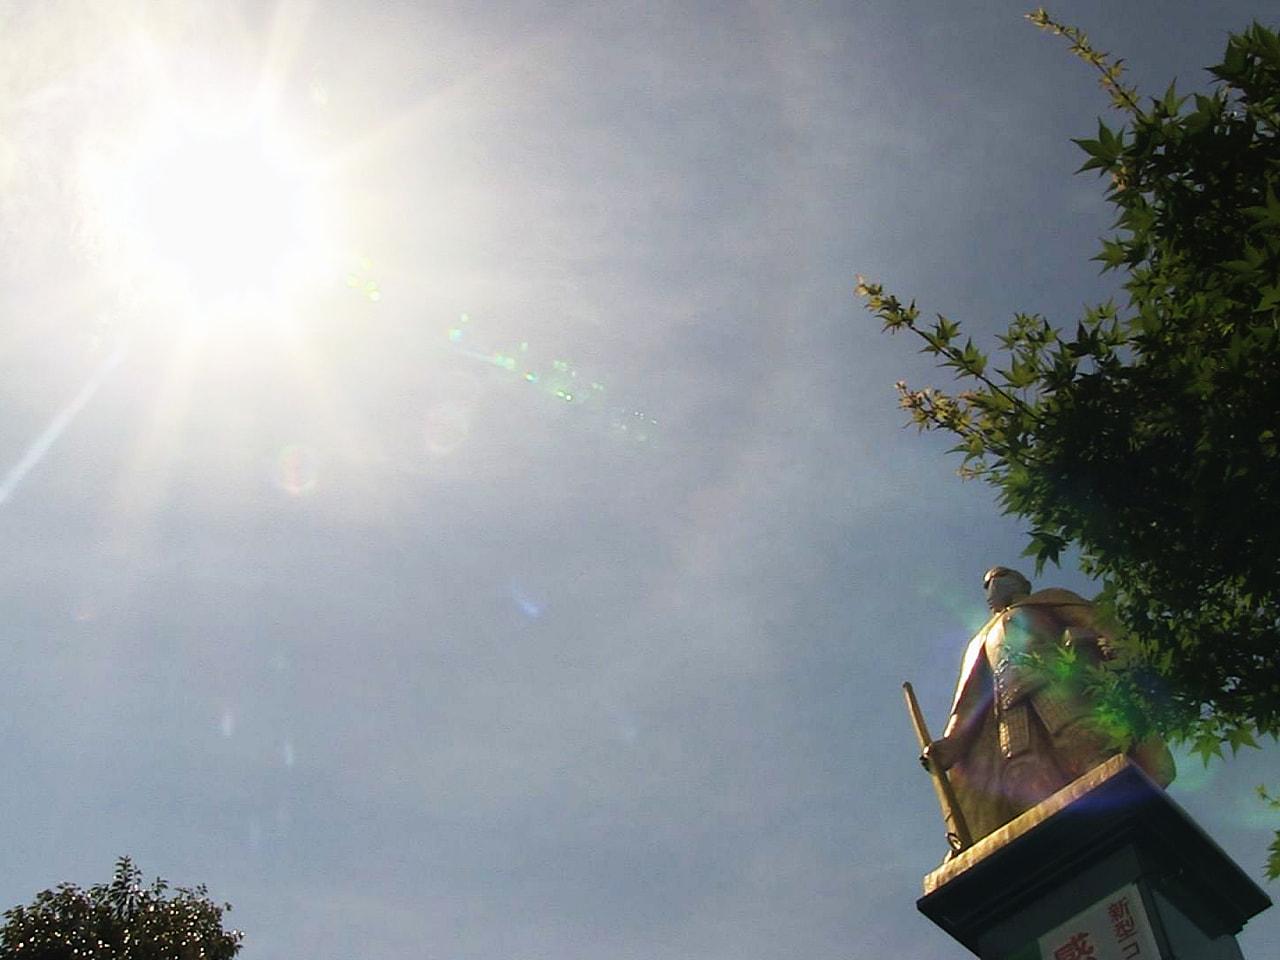 7日の岐阜県はよく晴れて午前中から各地で気温が上がり、揖斐郡揖斐川町で全国1位の...